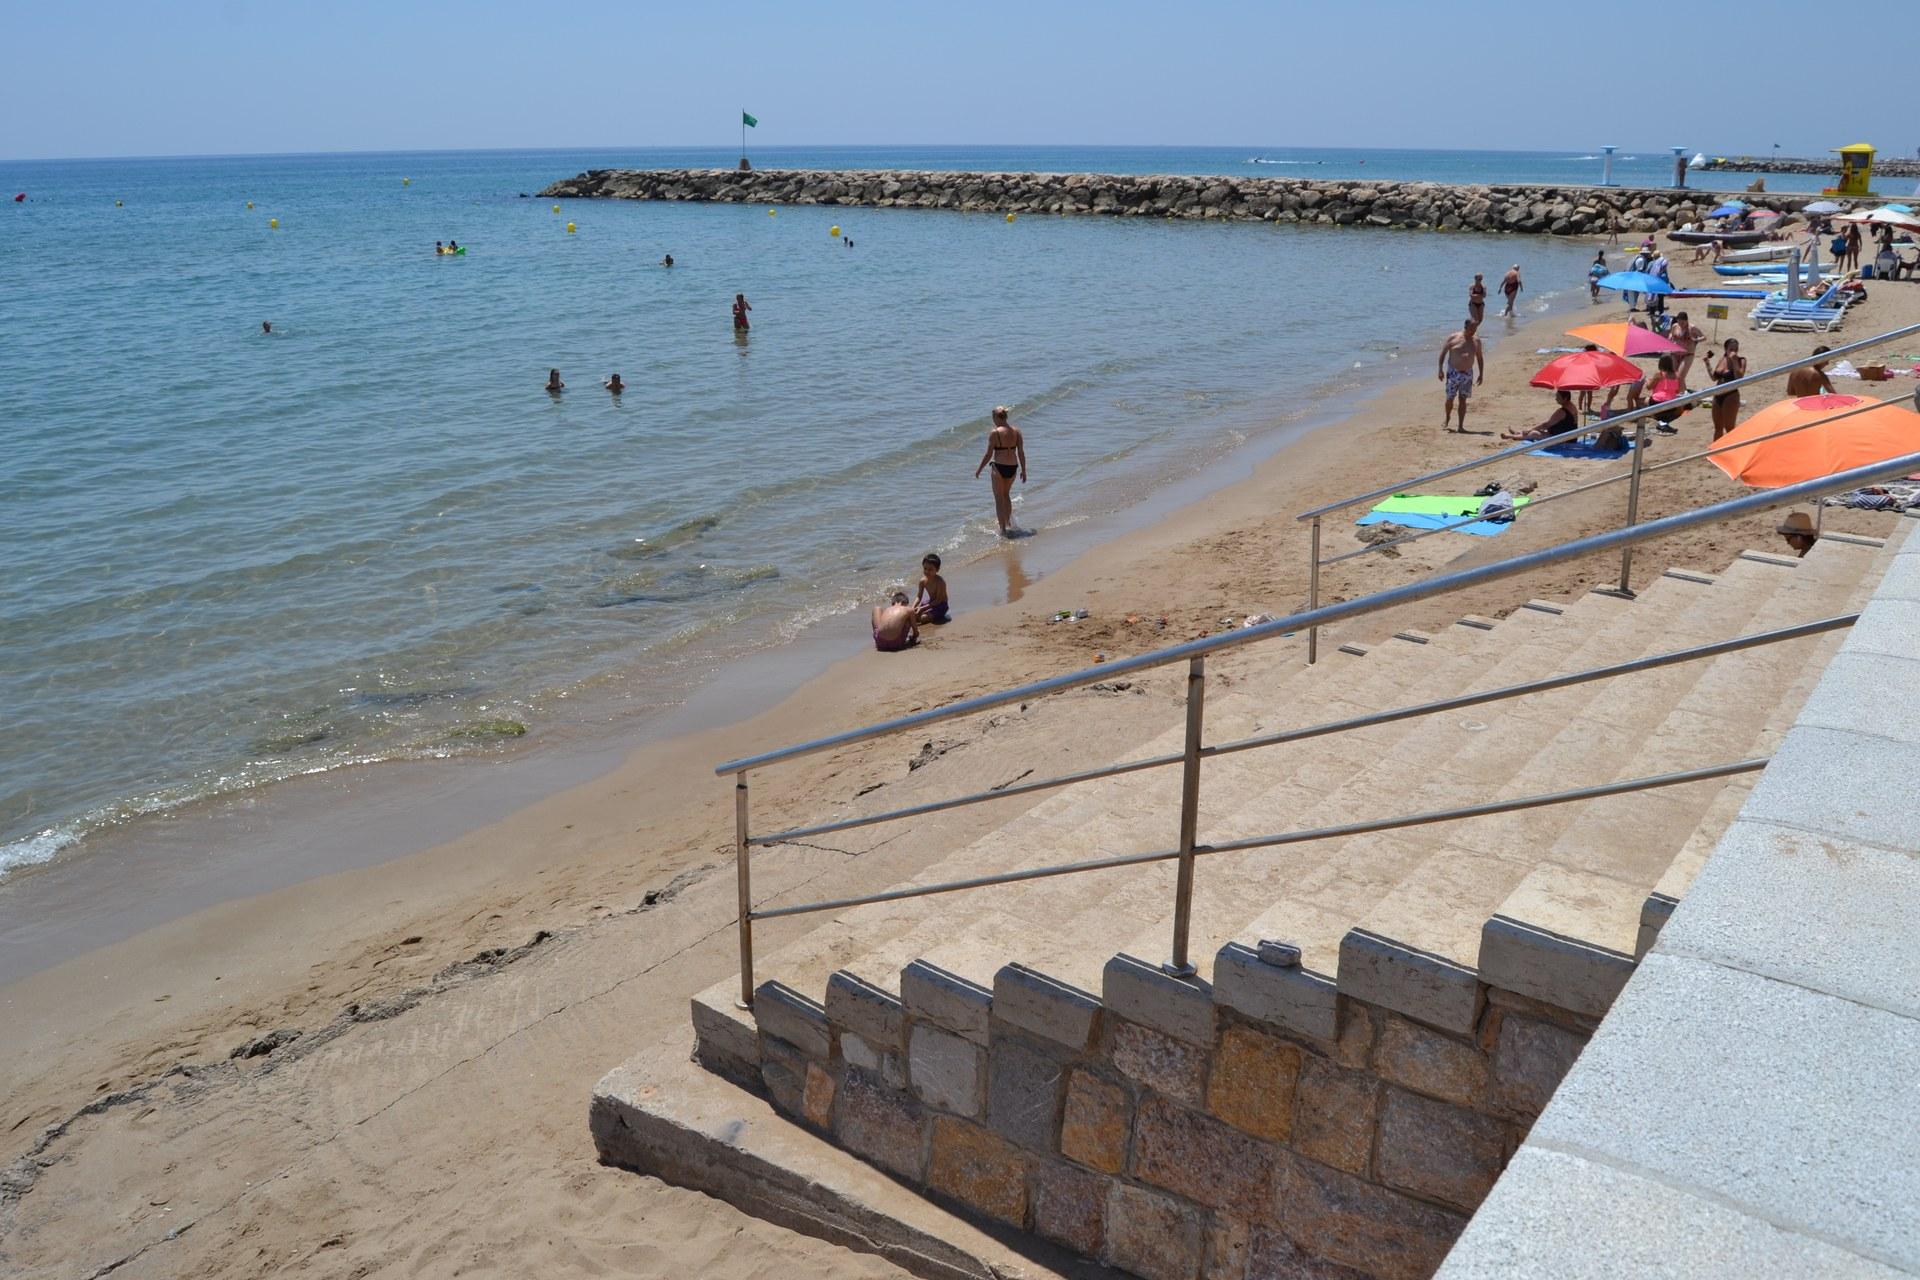 La platja de la Bassa Rodona rebrà una aportació de sorra extraordinària